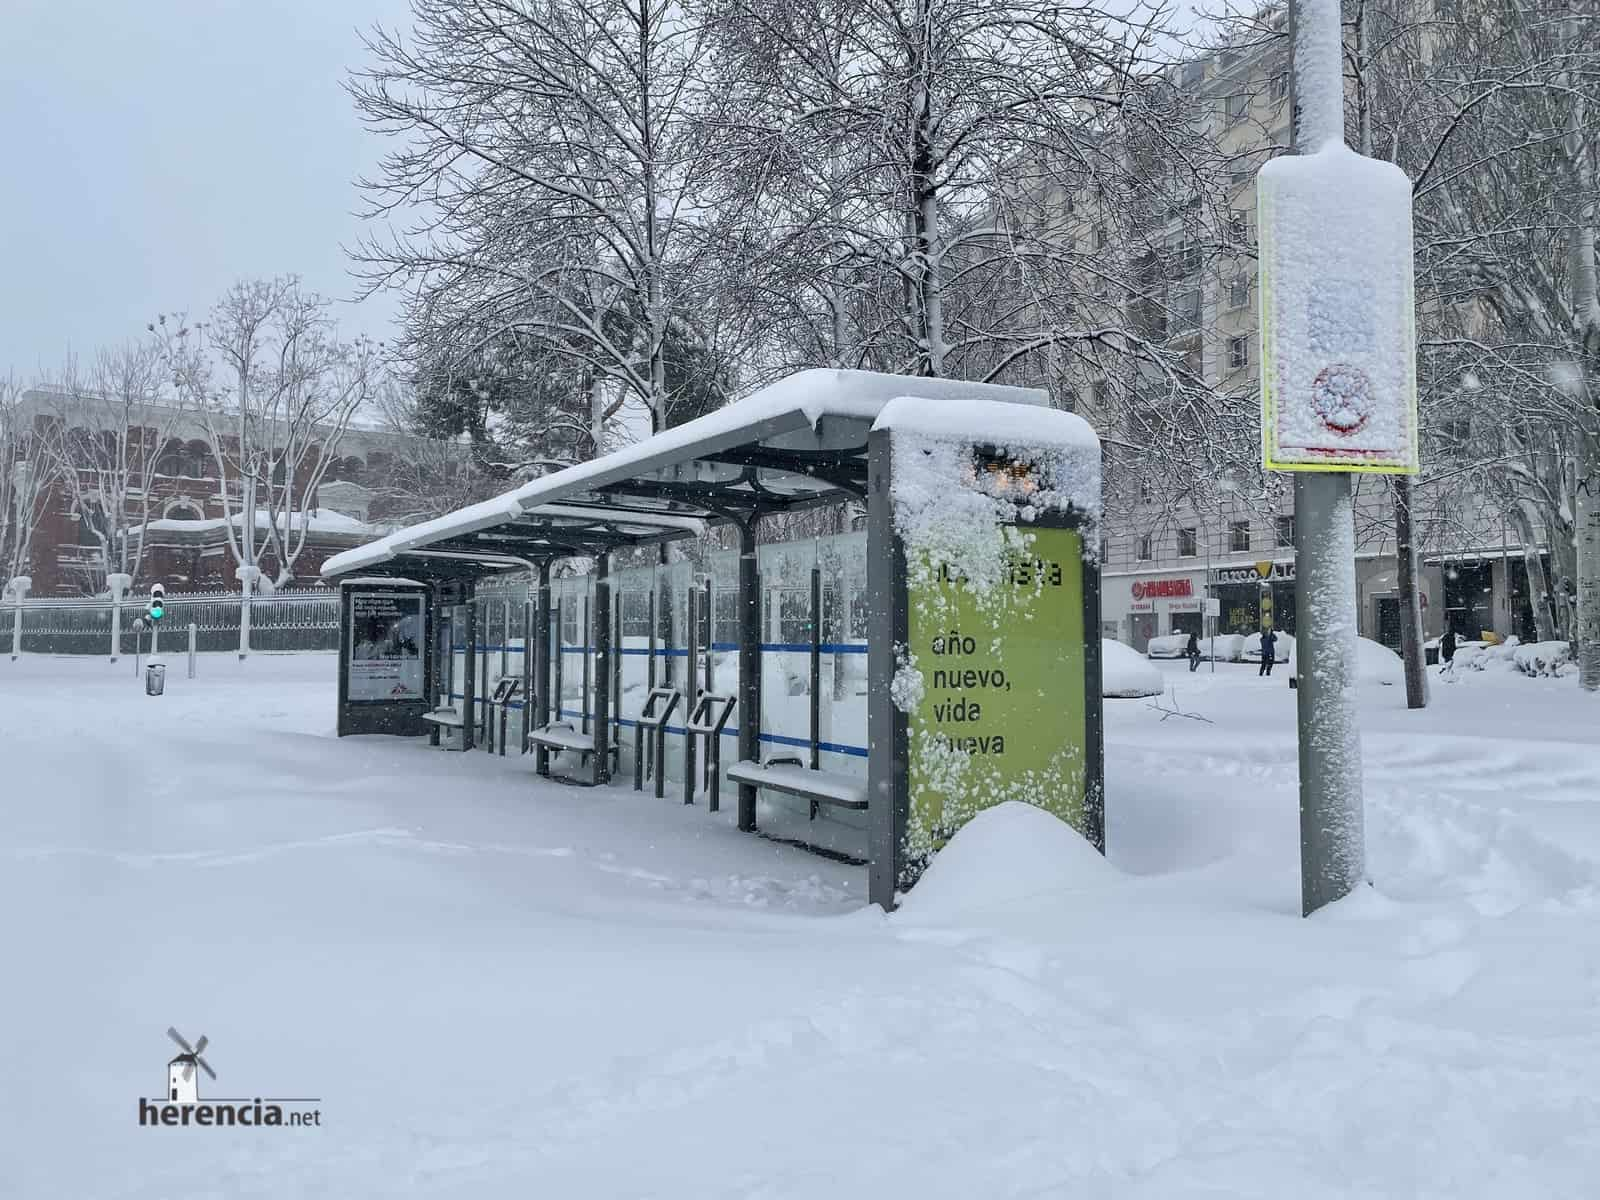 Fotografías de la nevada de enero en Madrid (España) 133